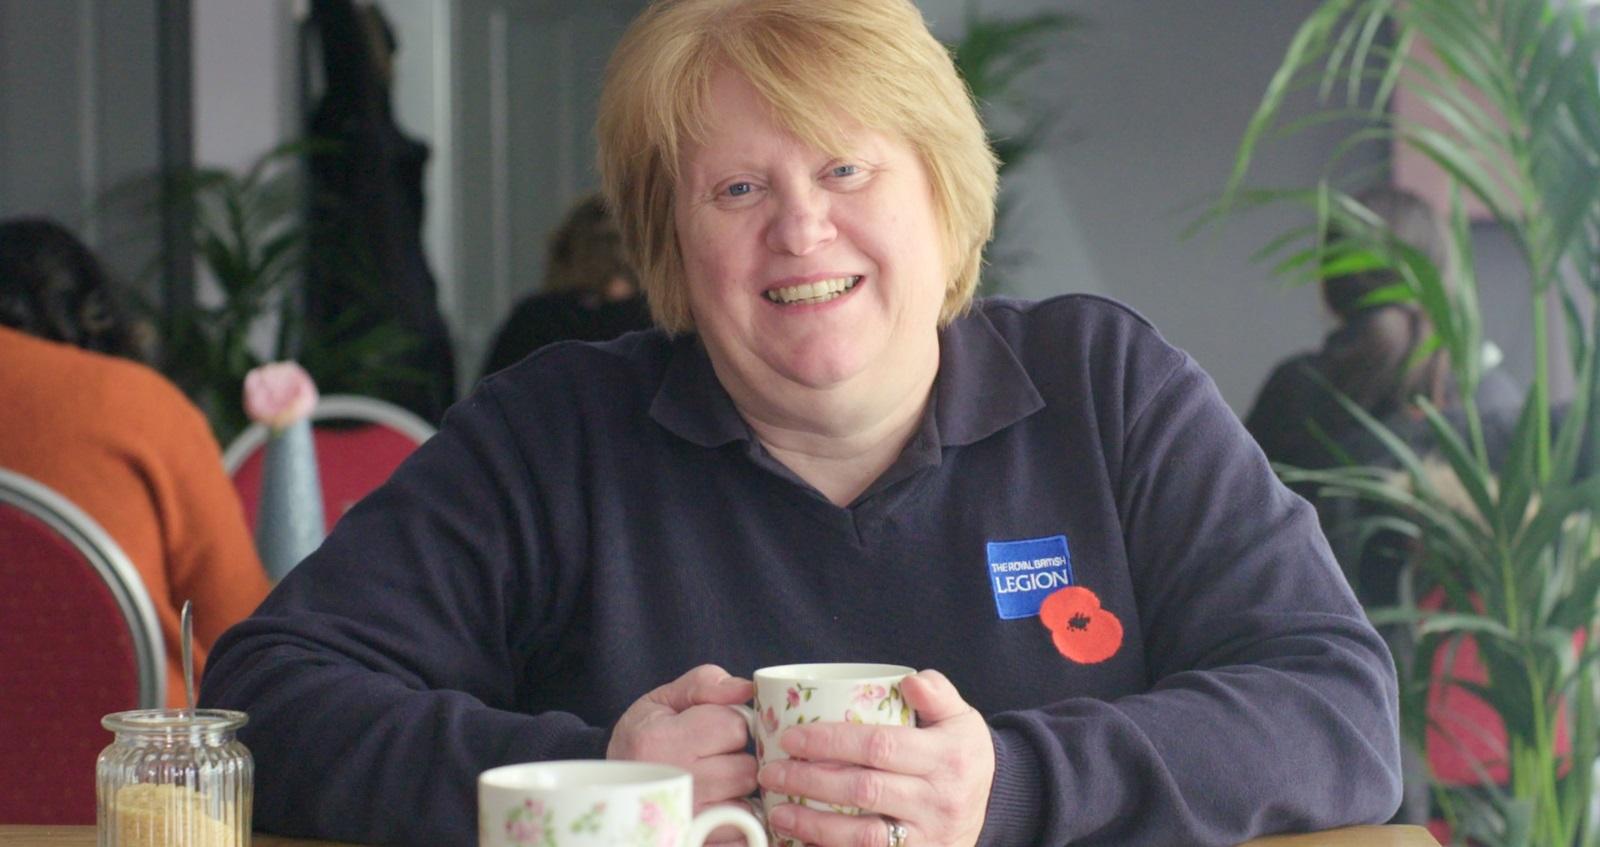 Support team member Annette